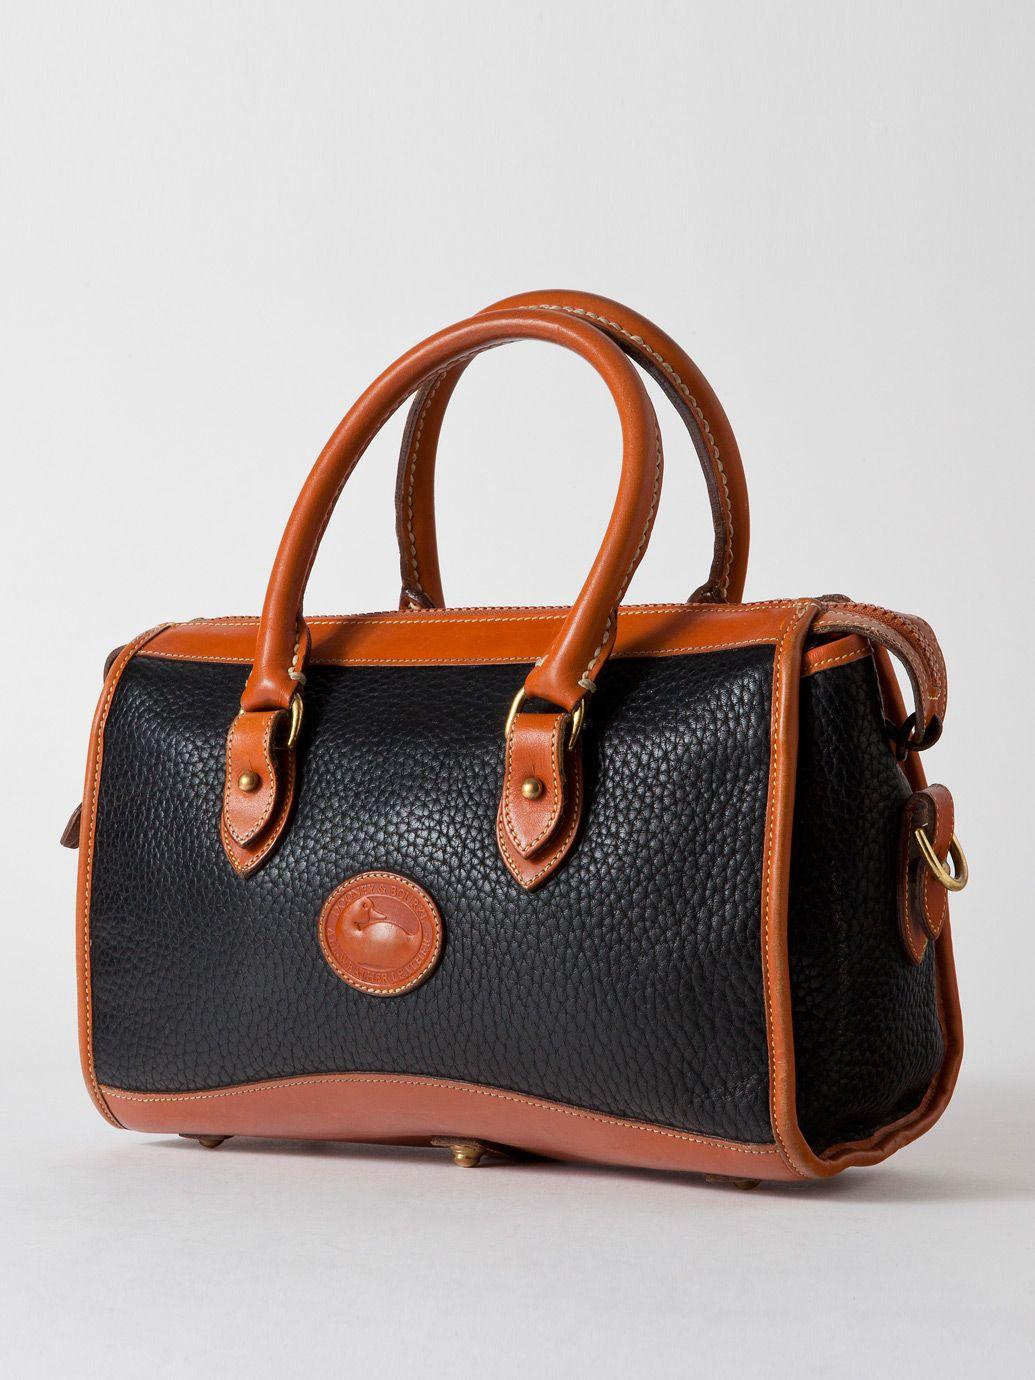 Vintage Dooney Bourke Satchel Bag